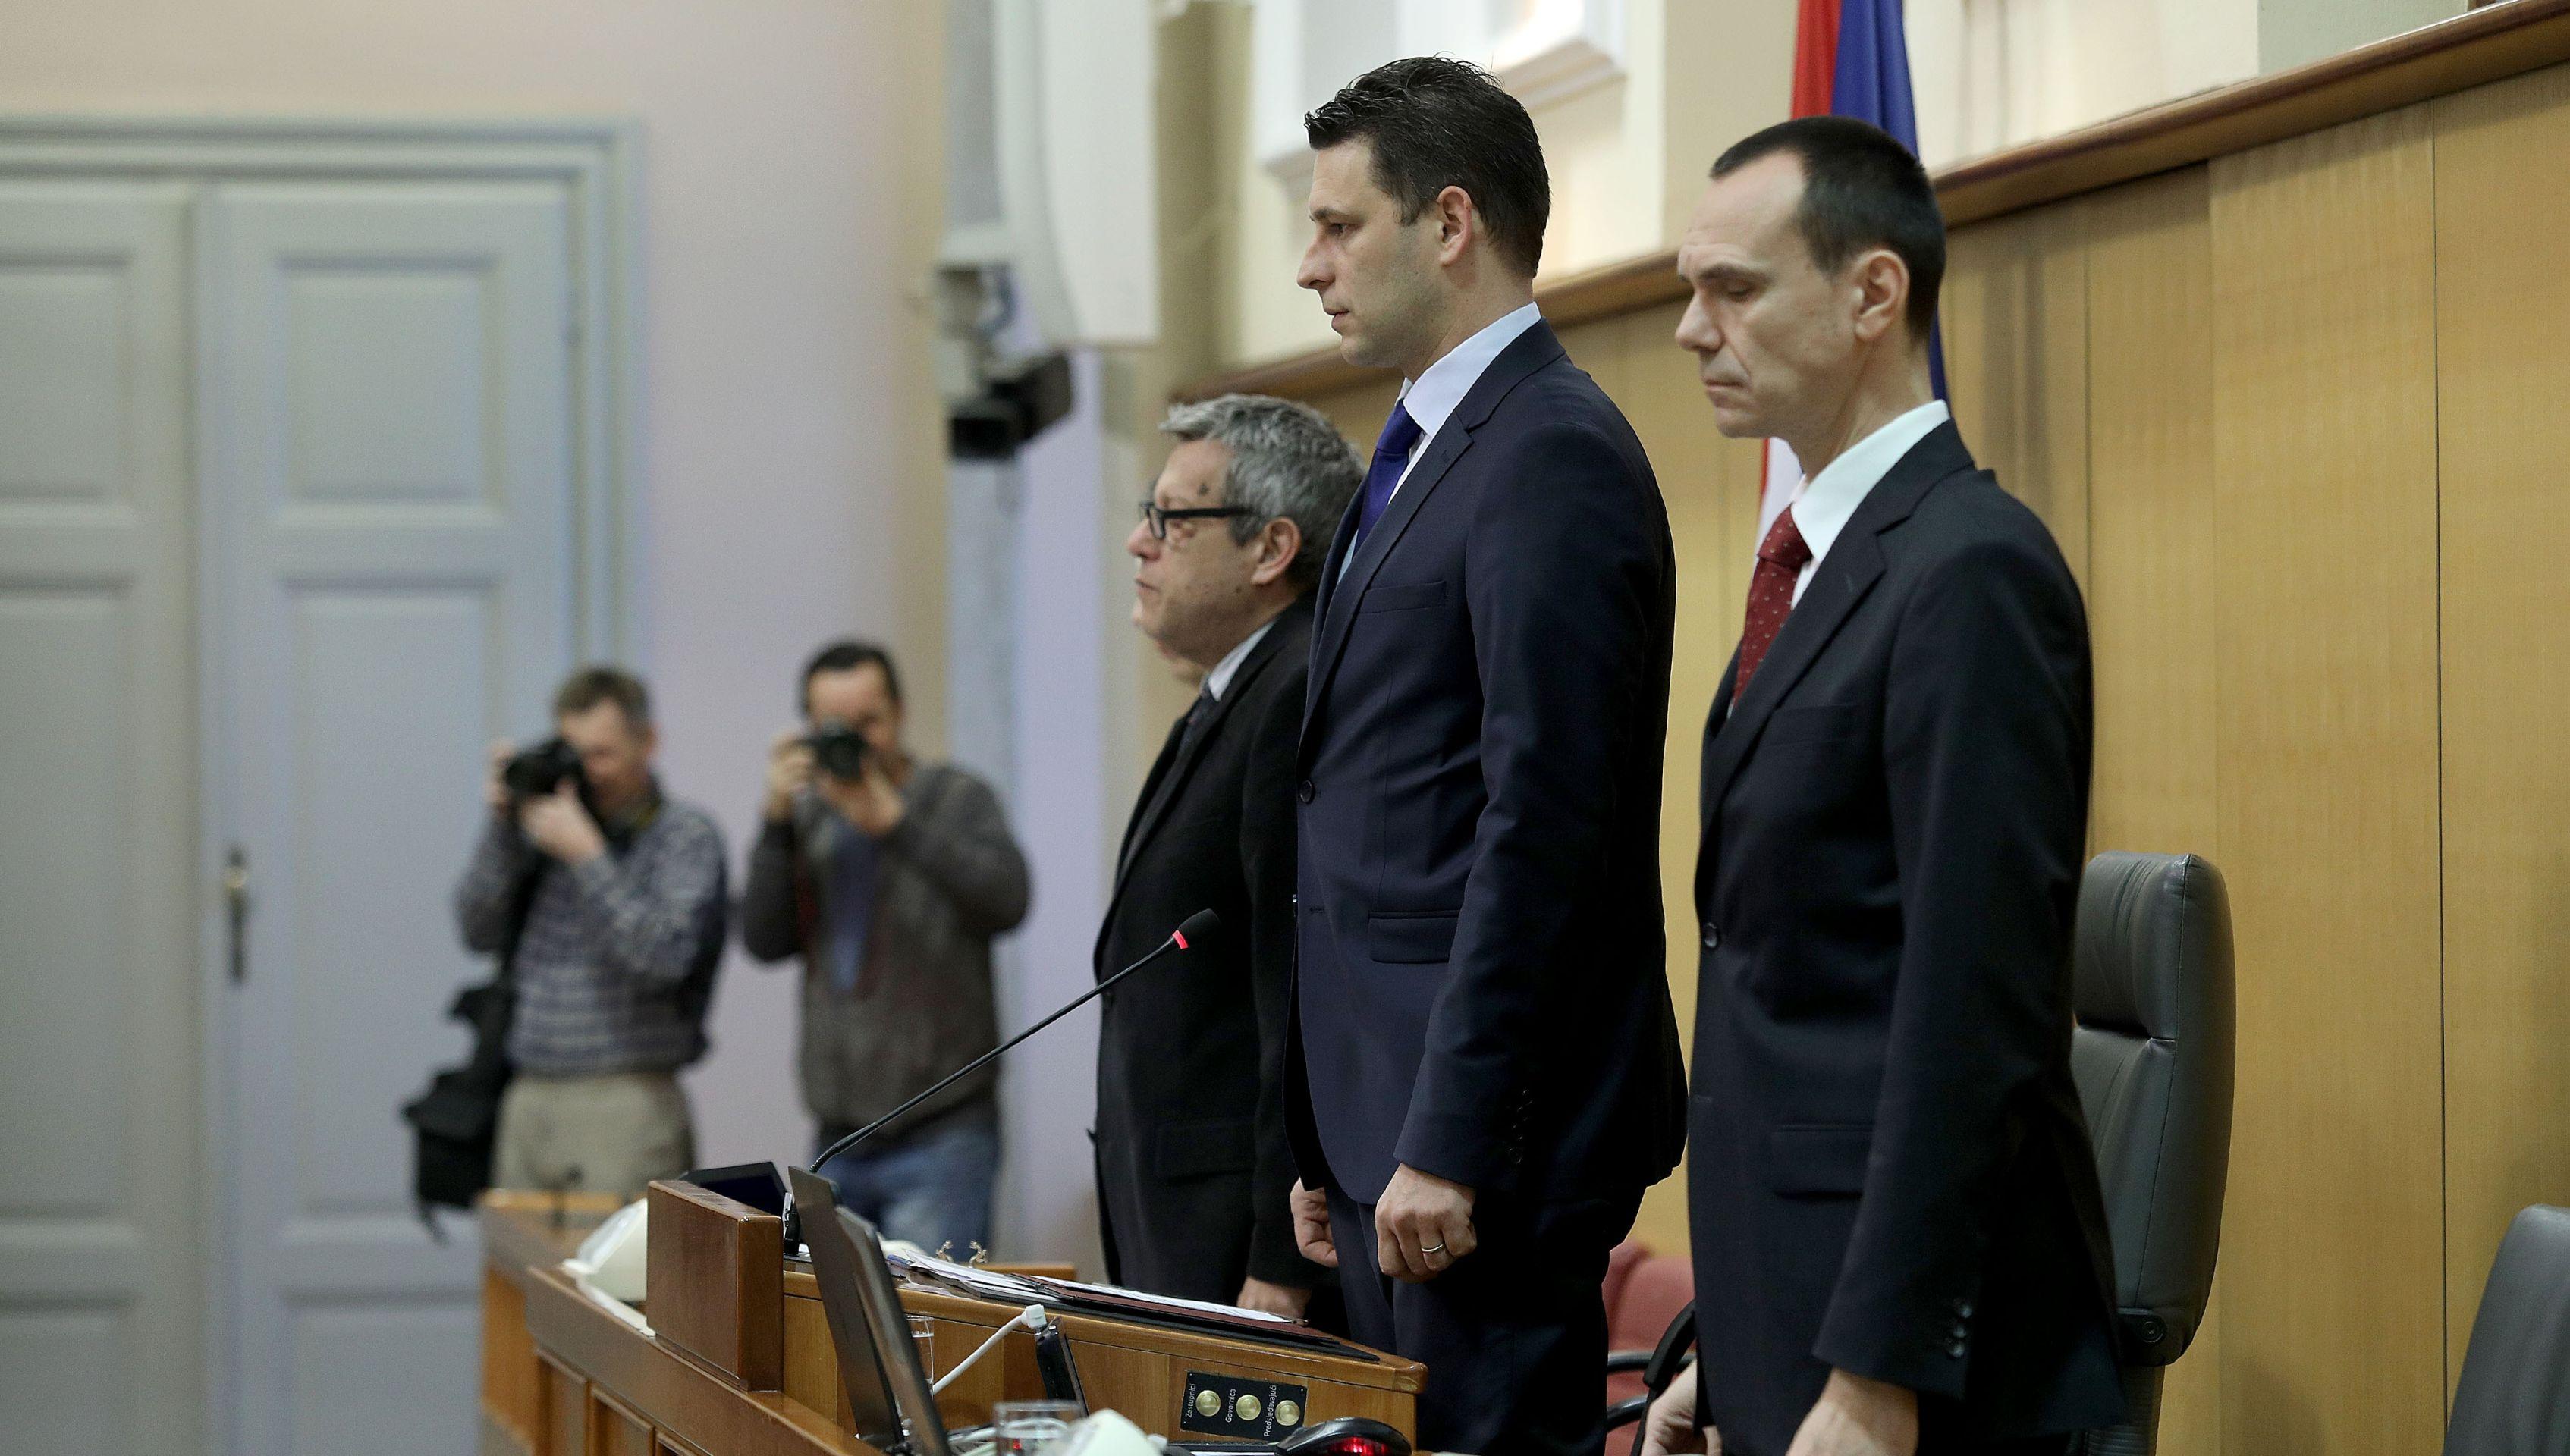 Glavašević napao Plenkovića zbog nepoštivanja žrtava holokausta